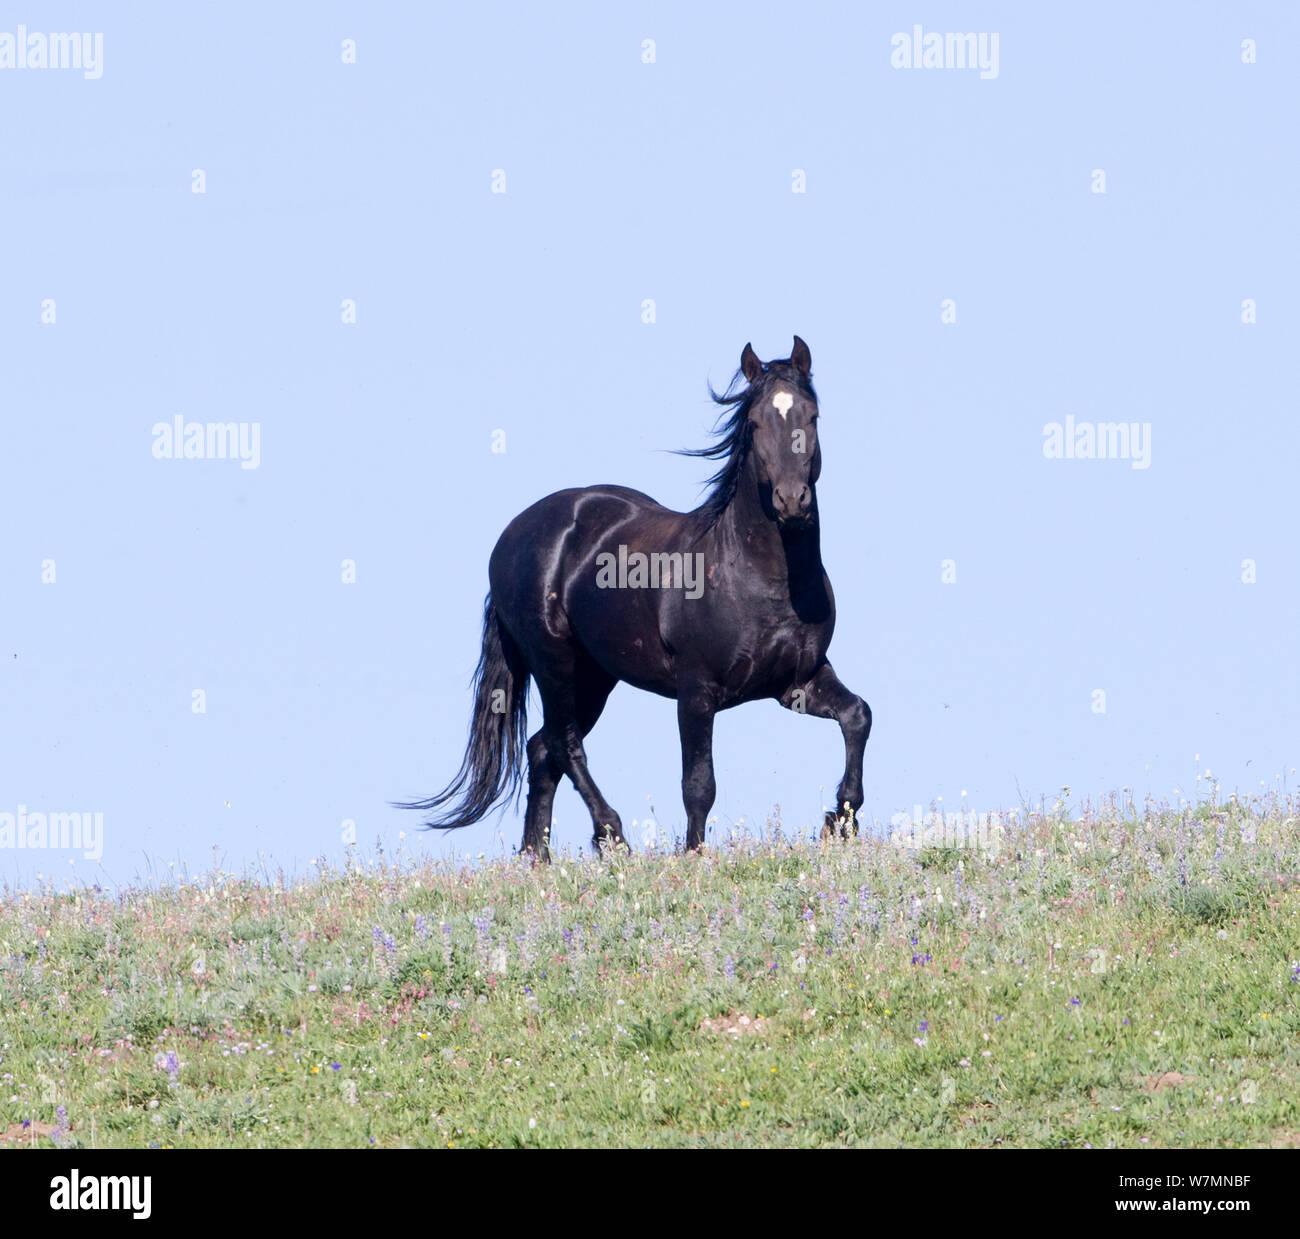 Wild Horse Mustang Equus Caballus Black Stallion On Horizon Pryor Mountains Montana Usa Stock Photo Alamy